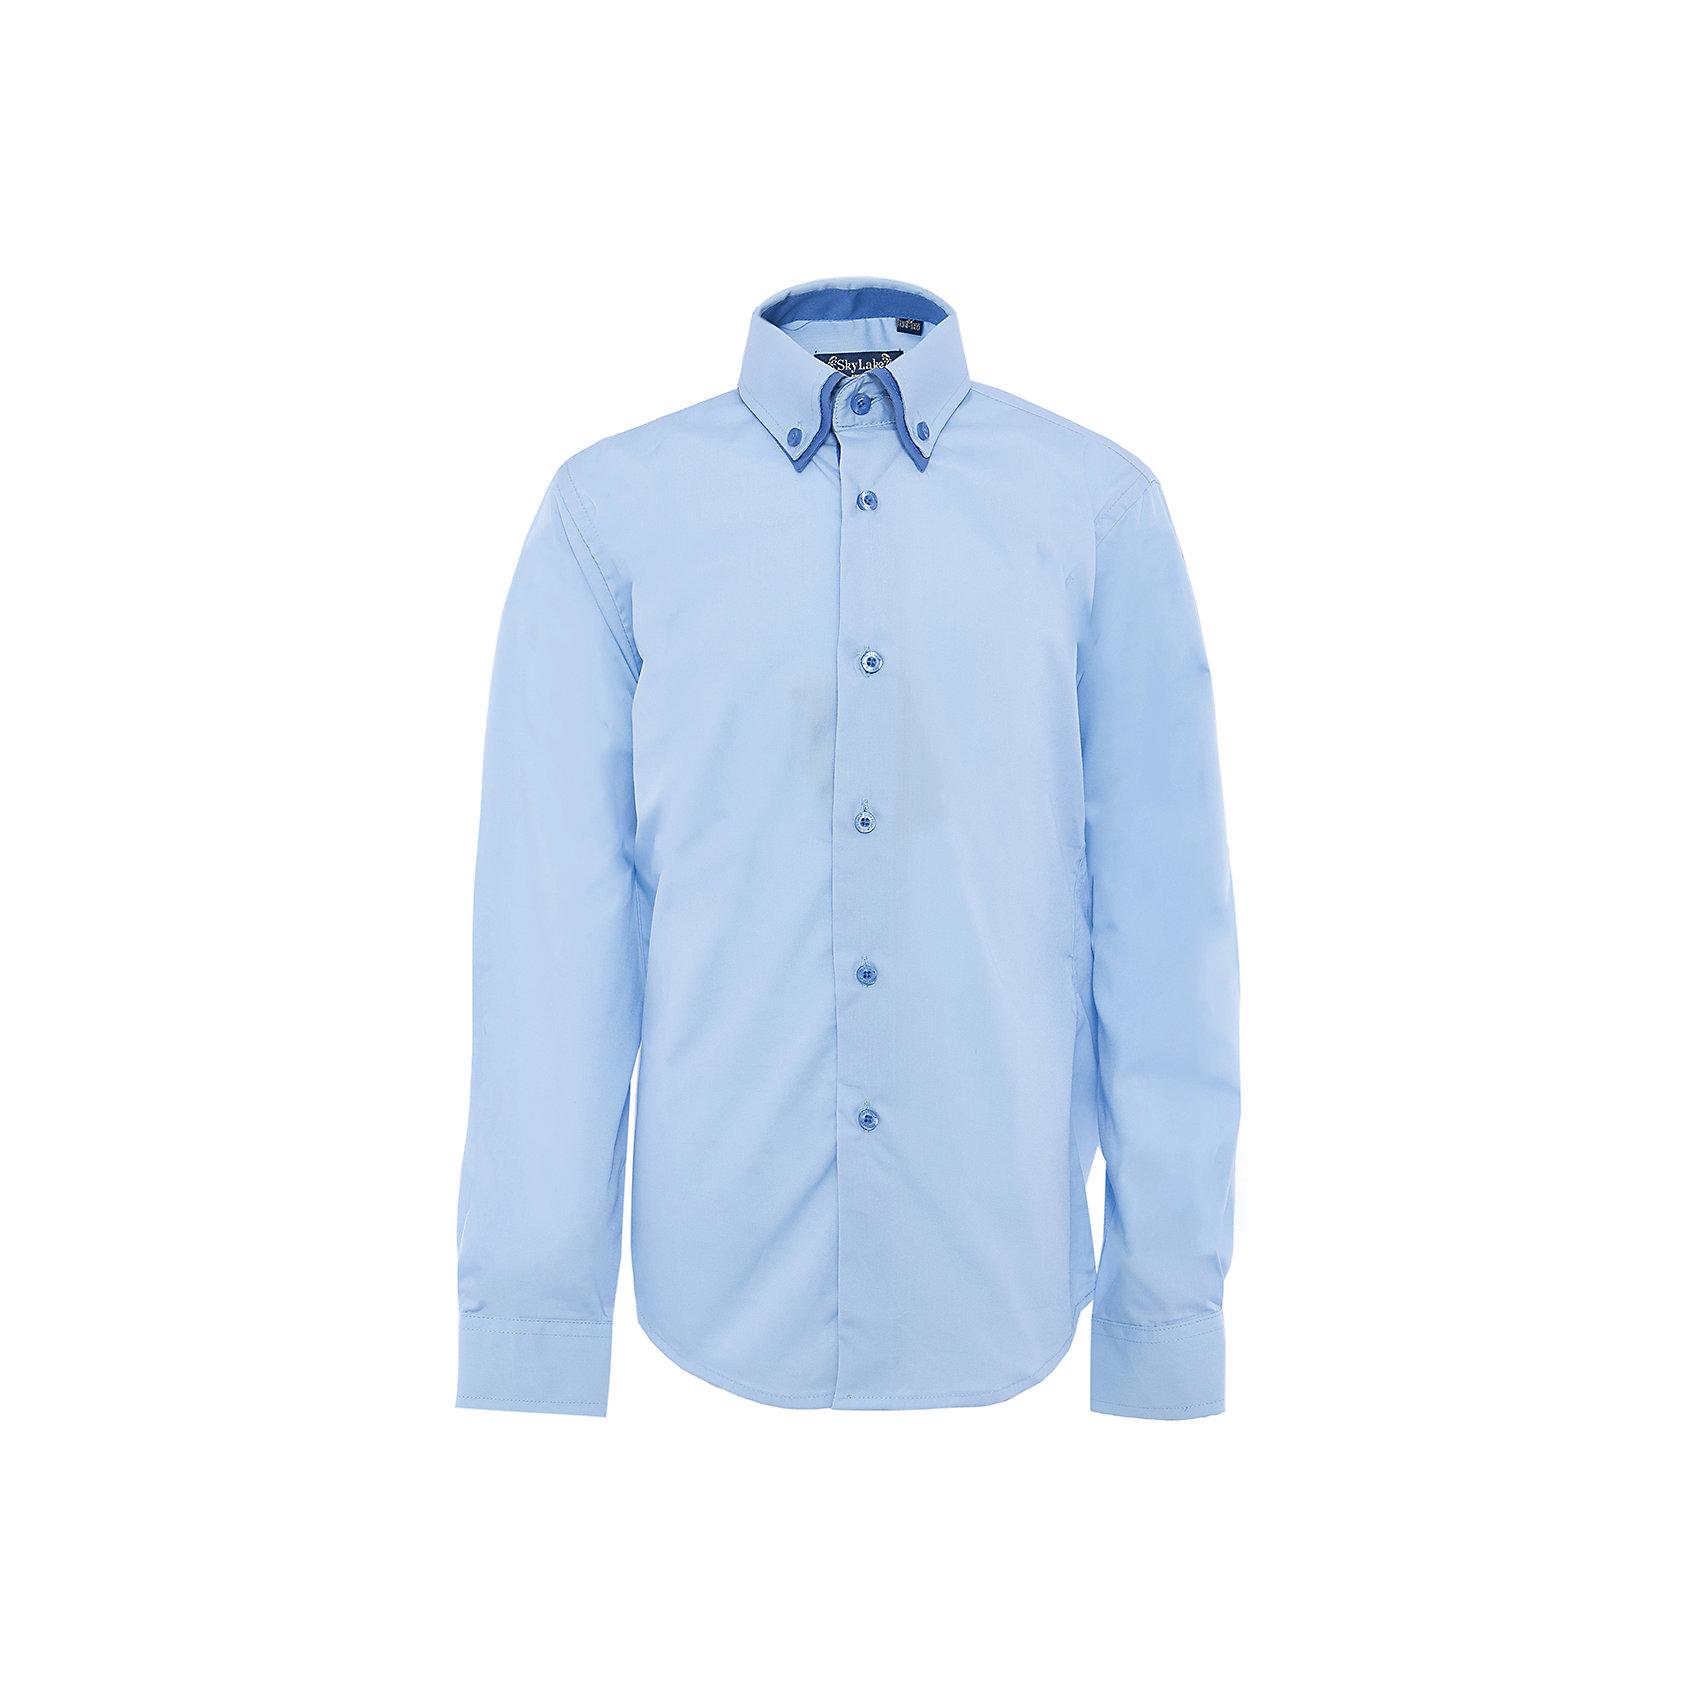 Рубашка для мальчика SkylakeБлузки и рубашки<br>Сорочка классическая для мальчика<br>Состав:<br>80% хлопок, 20% п/э<br><br>Ширина мм: 174<br>Глубина мм: 10<br>Высота мм: 169<br>Вес г: 157<br>Цвет: голубой<br>Возраст от месяцев: 72<br>Возраст до месяцев: 84<br>Пол: Мужской<br>Возраст: Детский<br>Размер: 122,152,140,134,128,146,158<br>SKU: 3708461